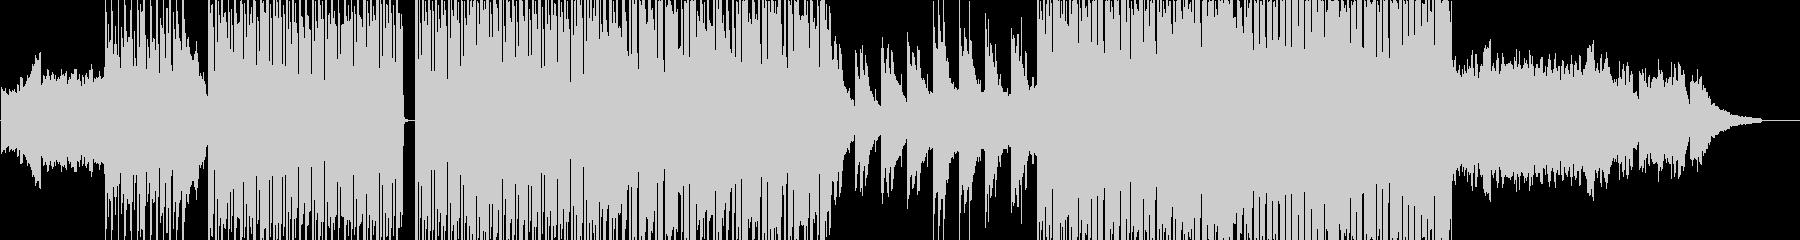 STANDARD永久不滅なポップスの未再生の波形